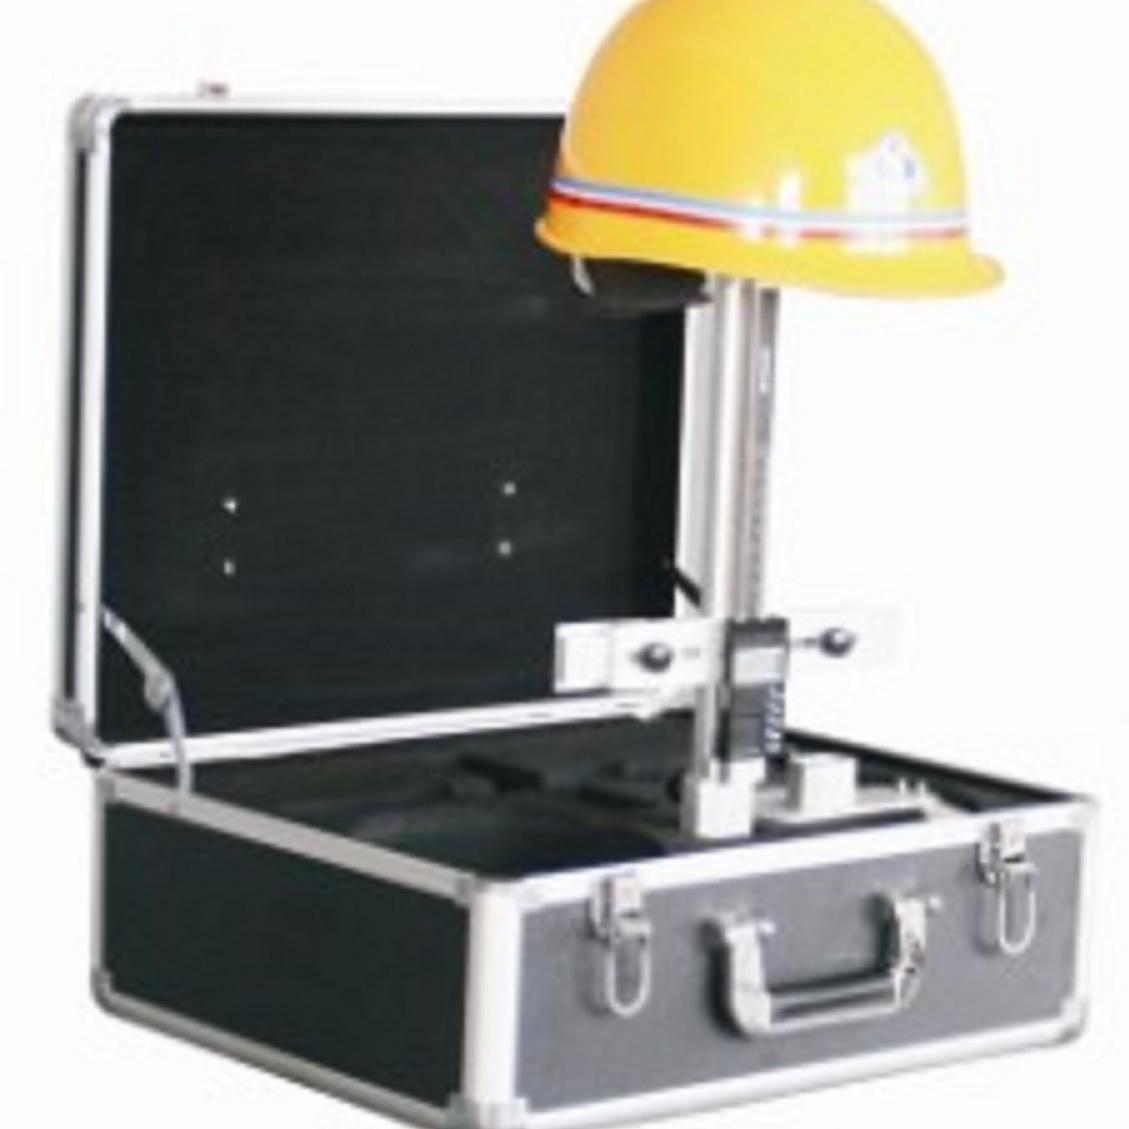 安全帽垂直间距佩戴高度测量仪FZY-A708